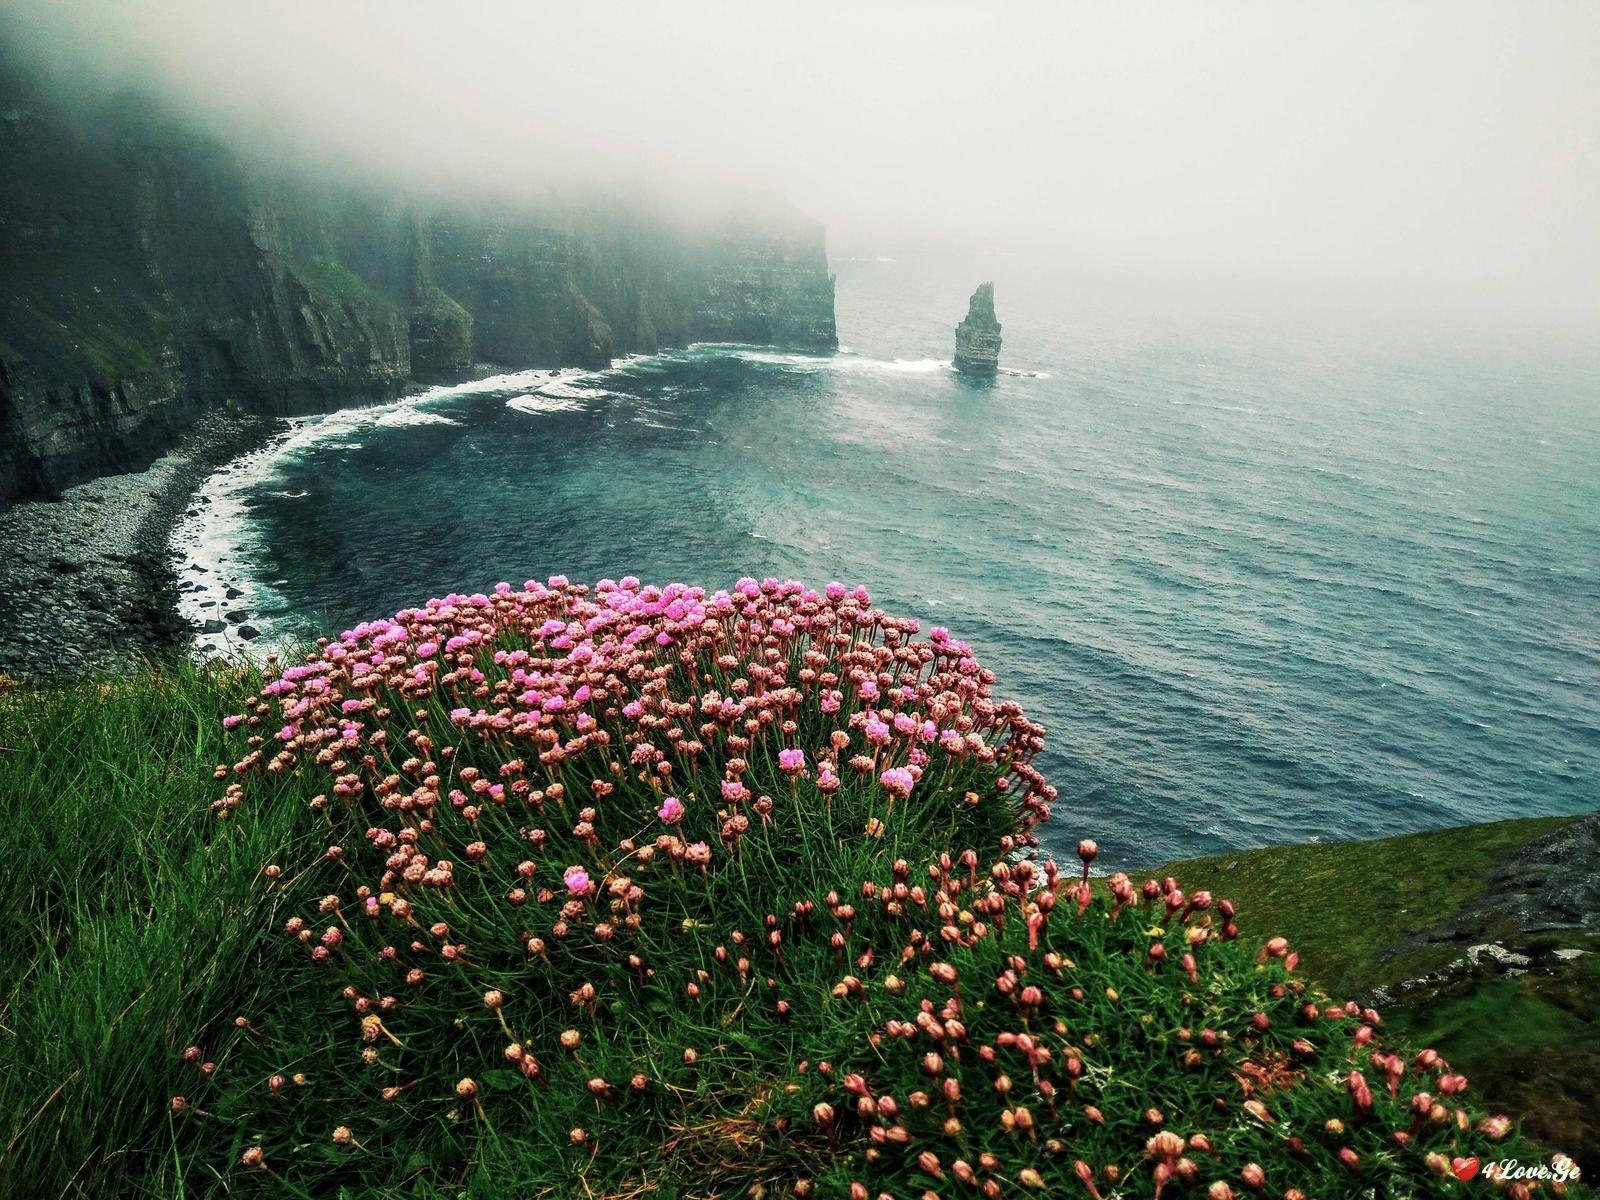 ღვთაება ირლანდიიდან (ნაწილი1)